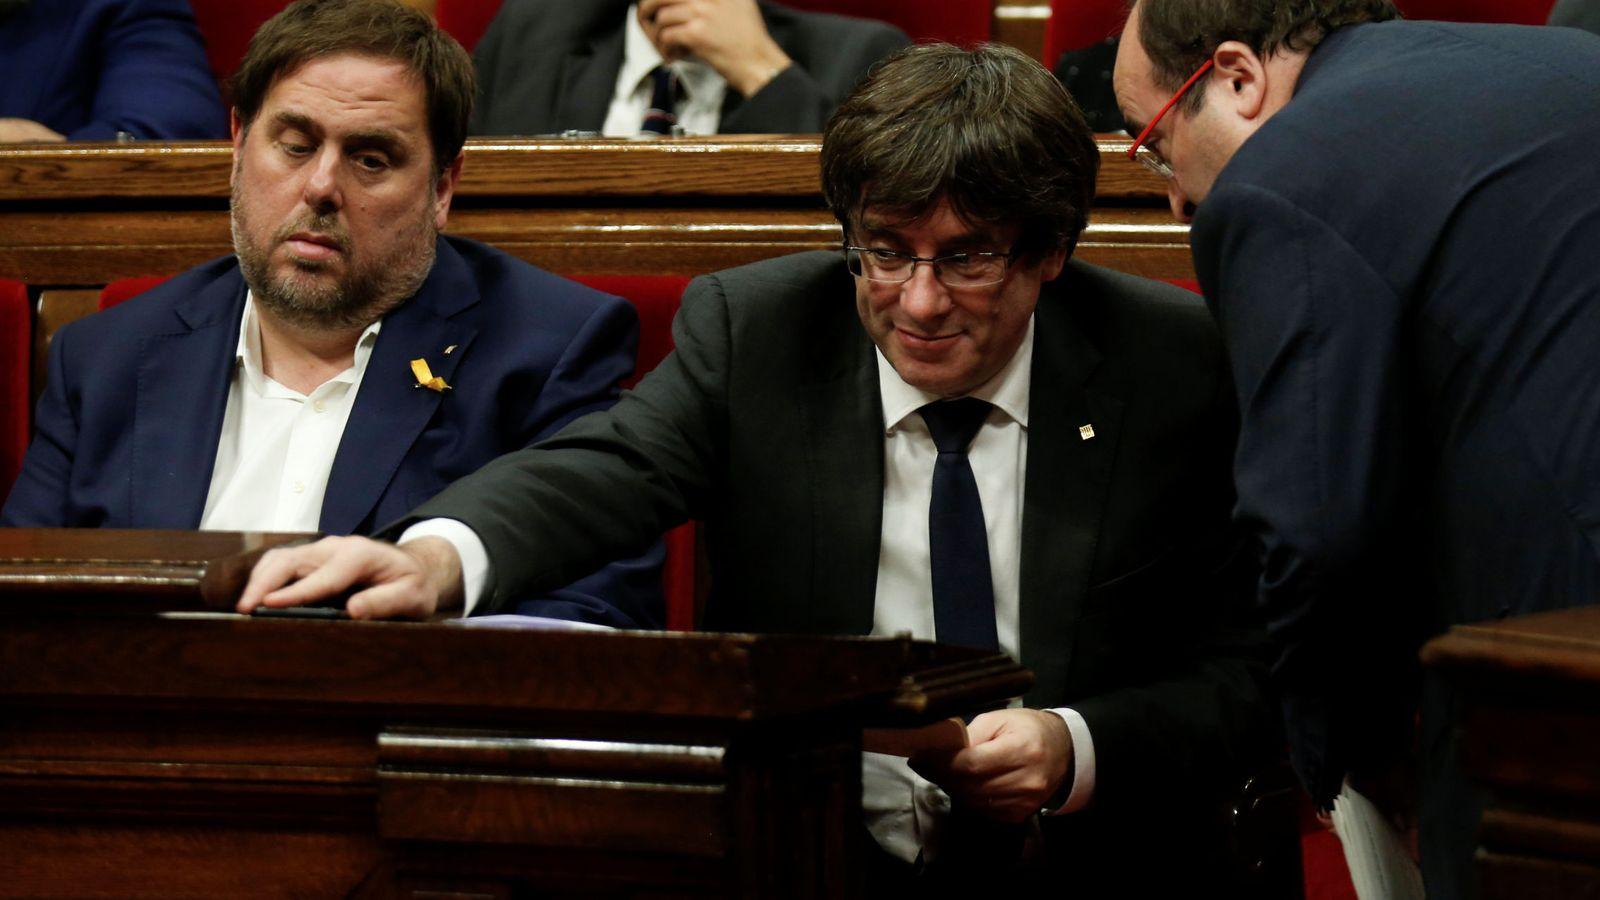 Foto: Carles Puigdemont escucha al socialista Miquel Iceta junto al ya exvicepresidente Oriol Junqueras, el pasado 26 de octubre en el Parlament. (Reuters)